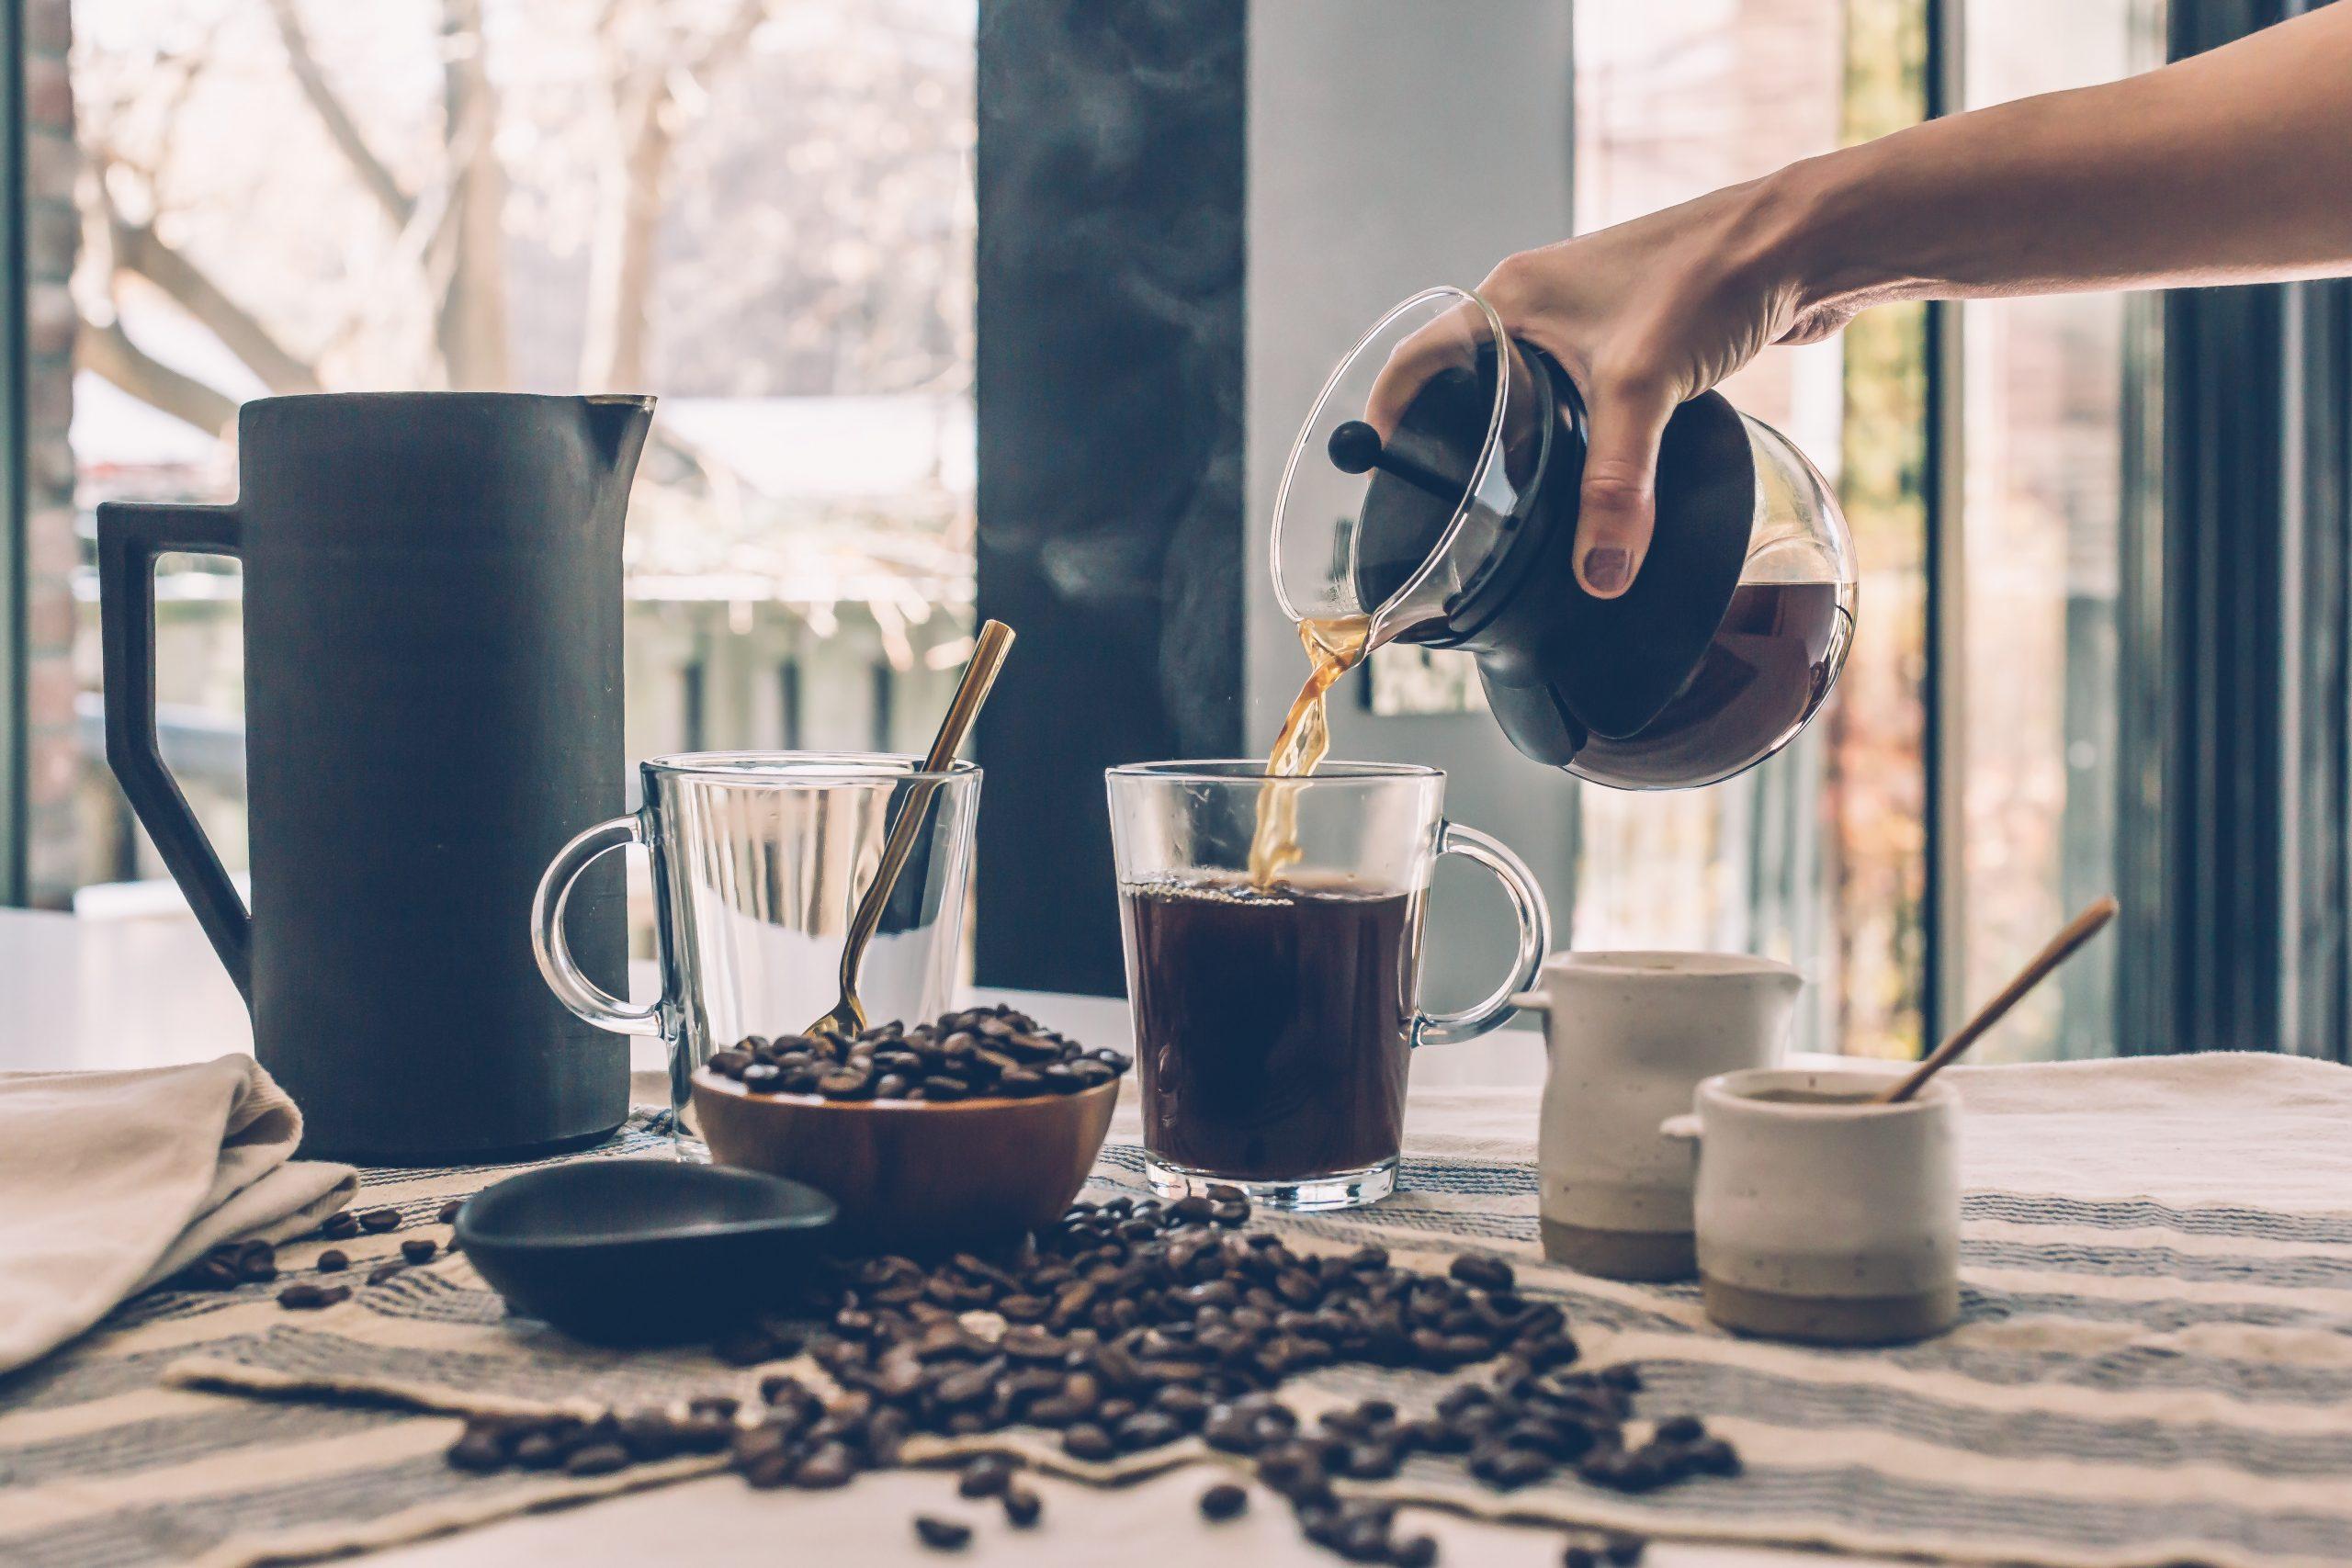 أفضل أنواع القهوة الأمريكية الجاهزة